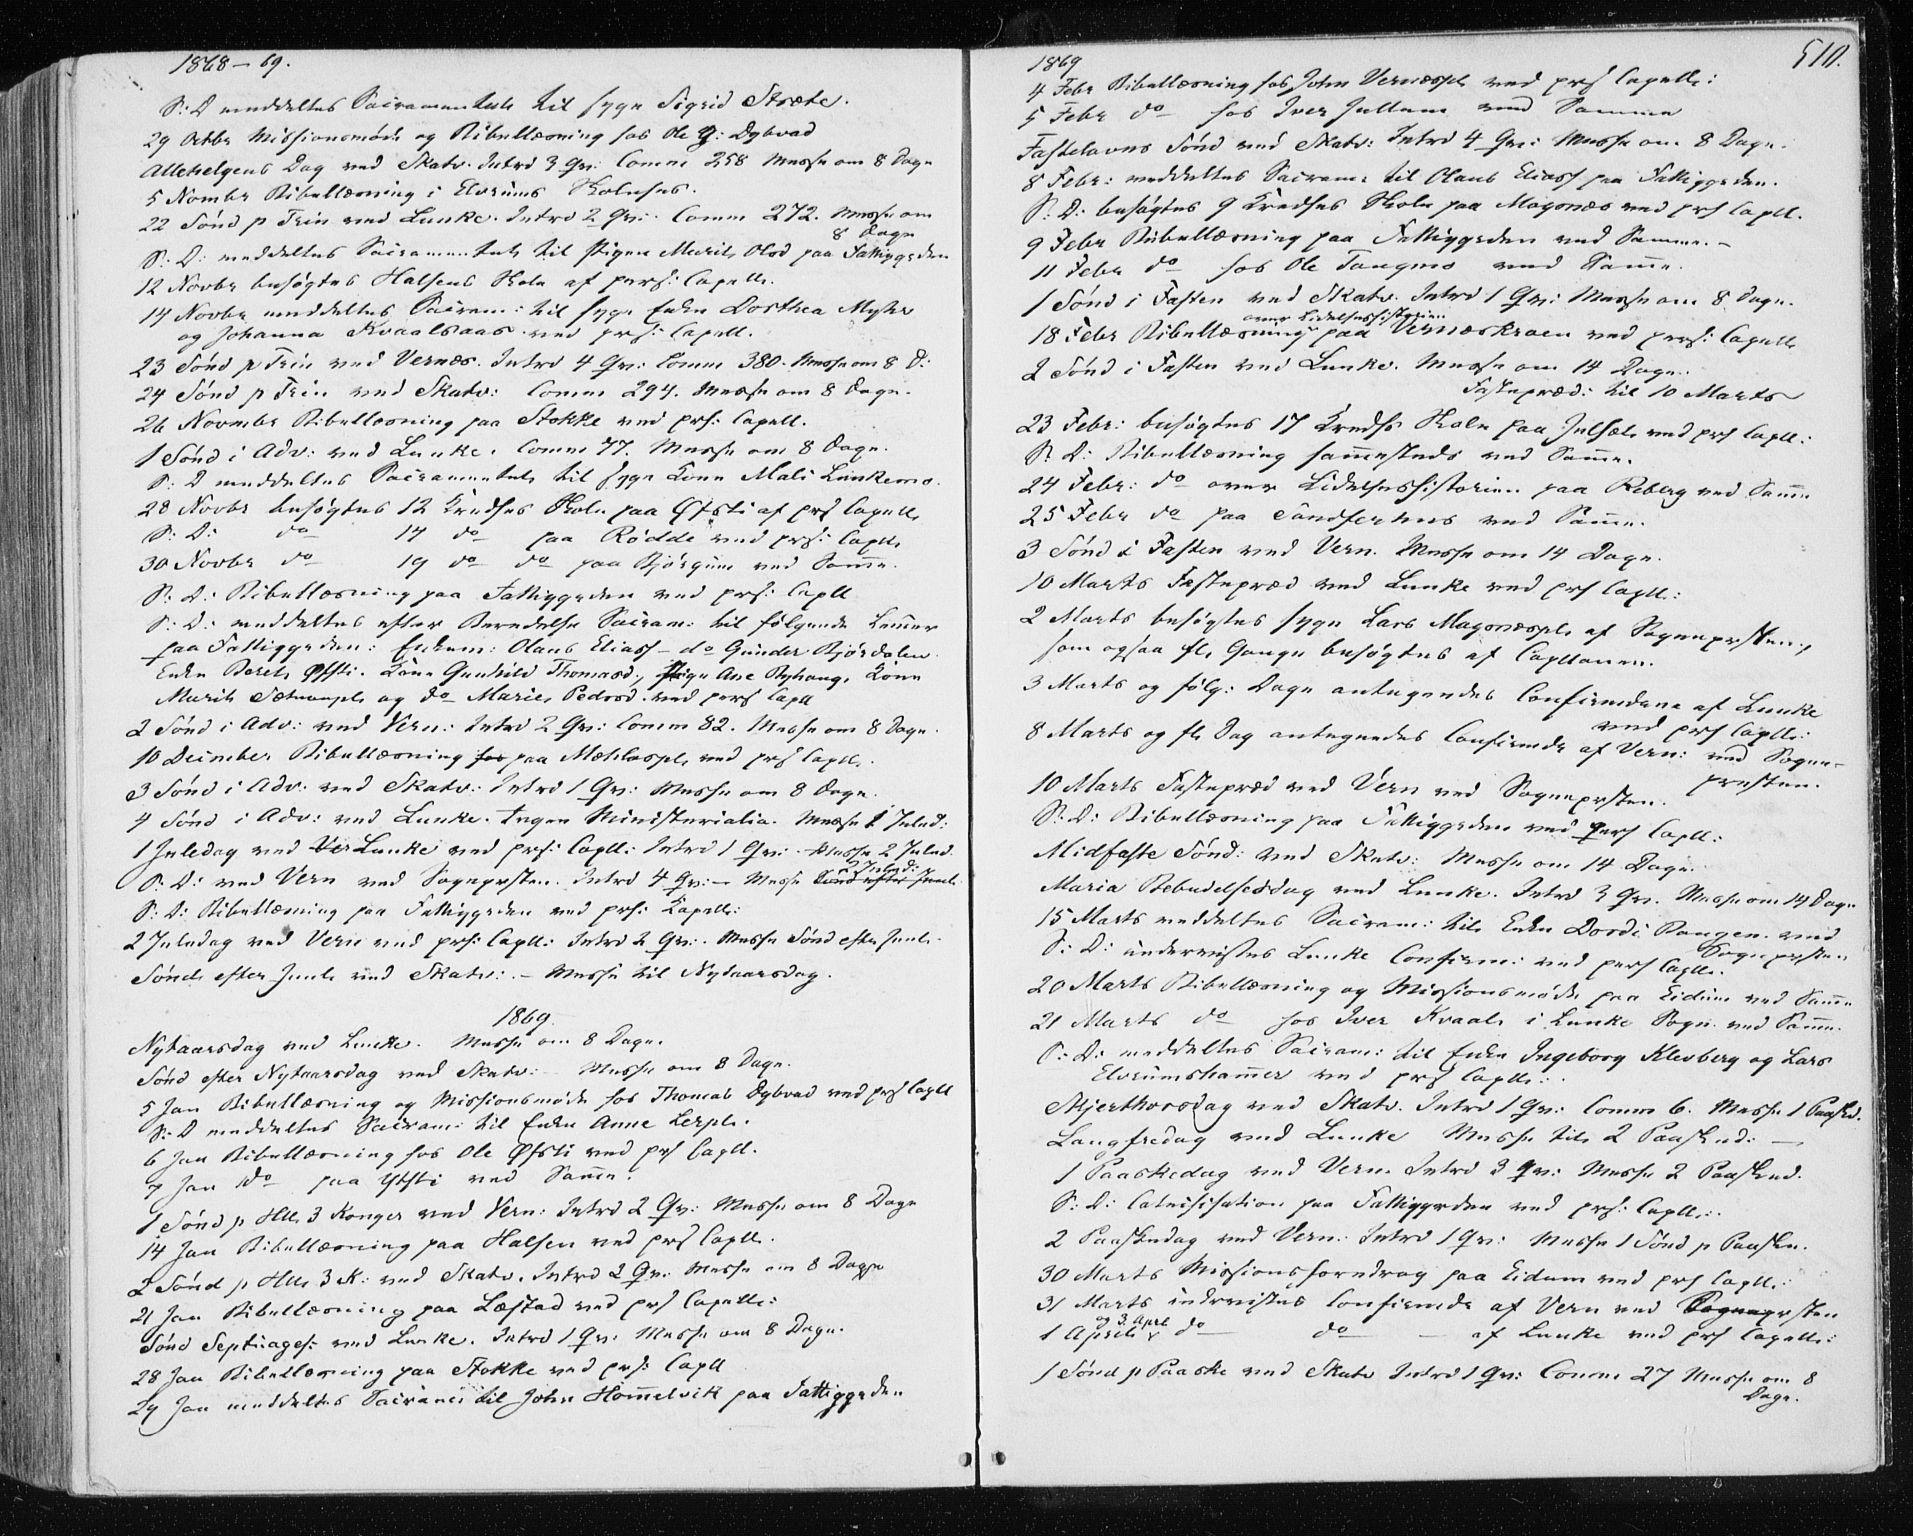 SAT, Ministerialprotokoller, klokkerbøker og fødselsregistre - Nord-Trøndelag, 709/L0075: Ministerialbok nr. 709A15, 1859-1870, s. 510